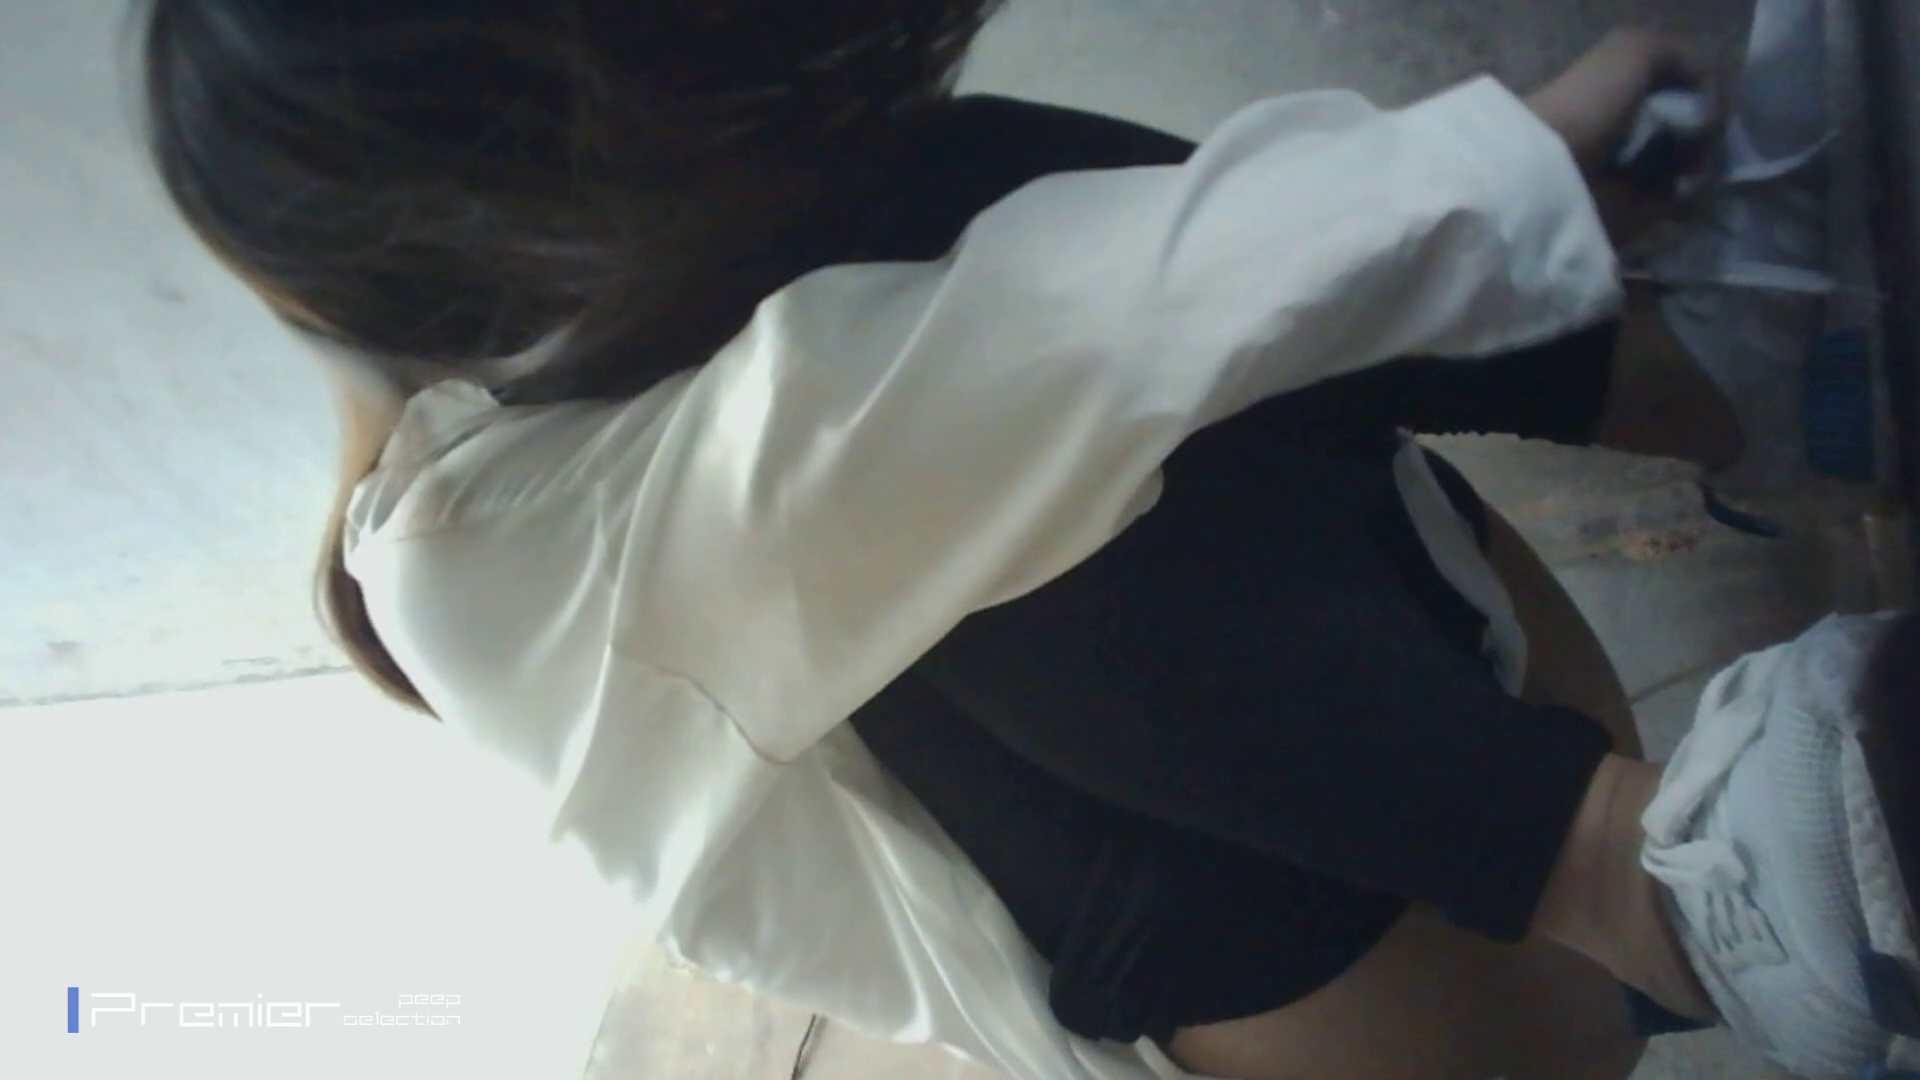 おとなしそうな女の子 トイレシーンを密着盗撮!! 美女の痴態に密着!Vol.24 トイレ   美女H映像  49画像 22